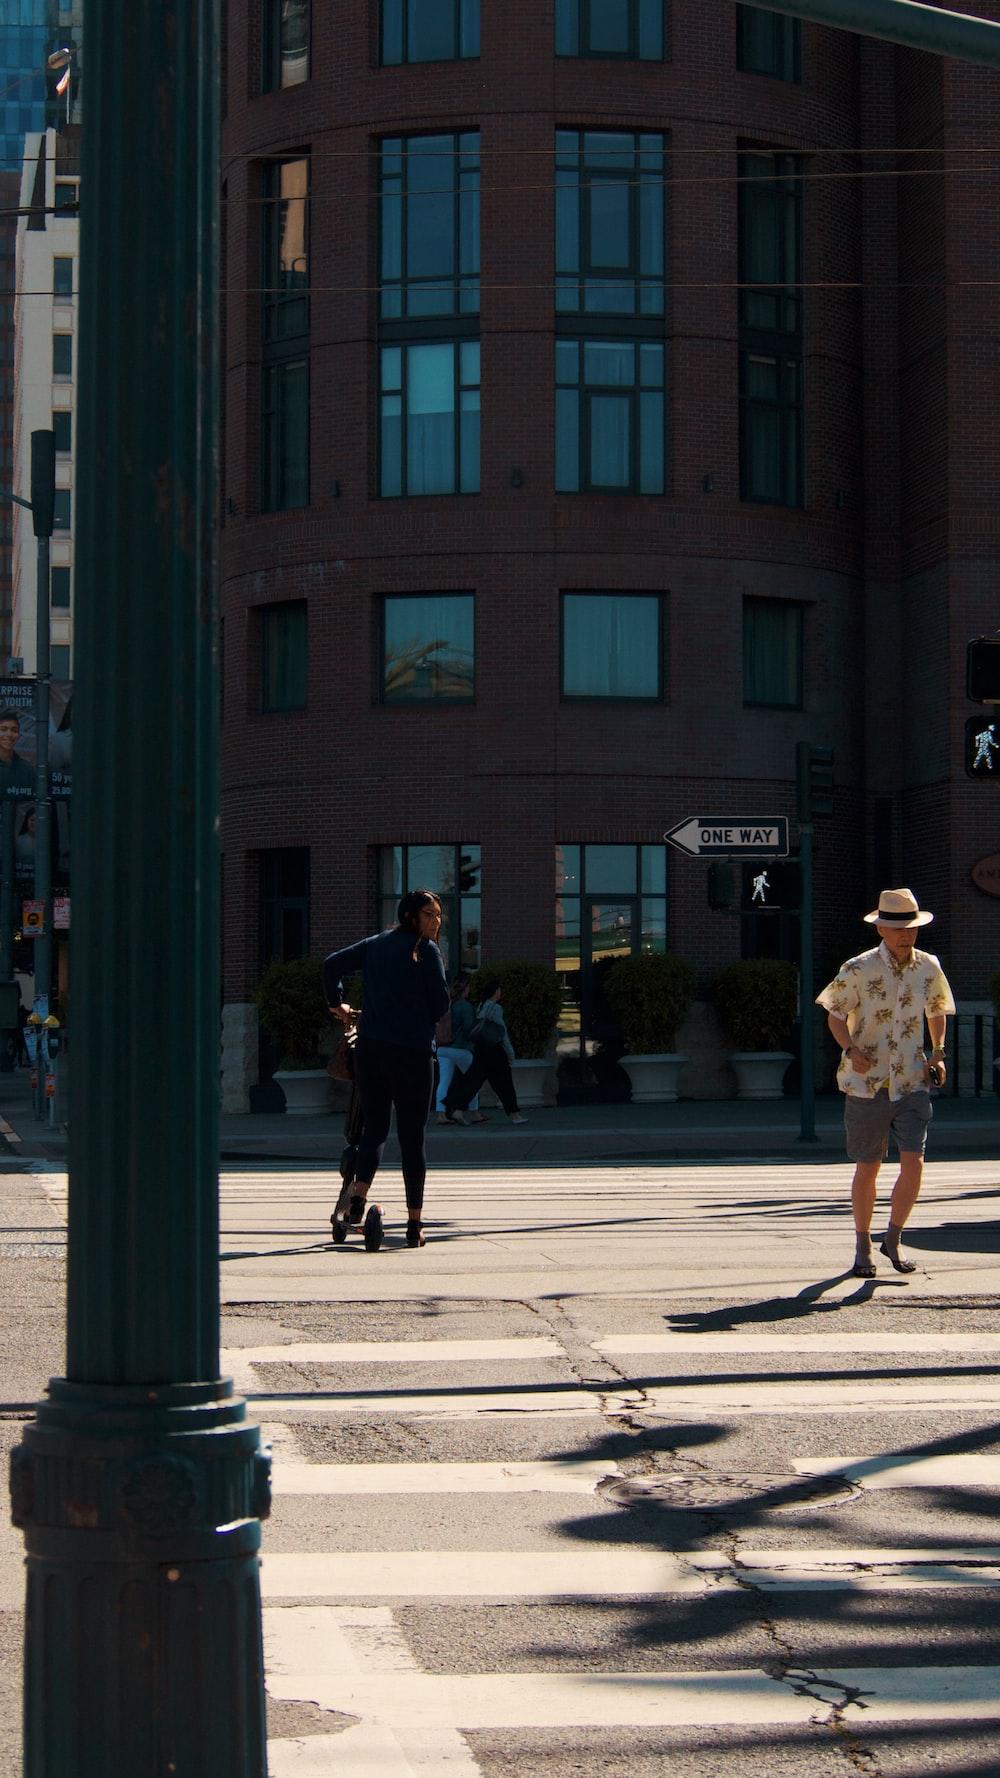 man walking near road during daytime